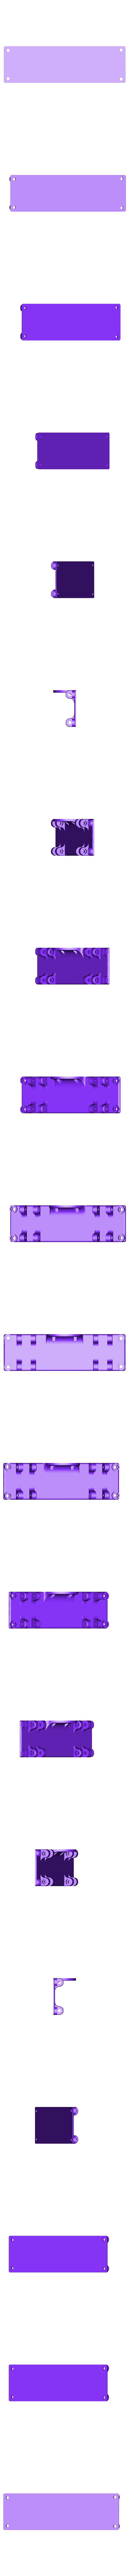 Bike_horn_bottom.stl Télécharger fichier STL gratuit Klaxon MP3 pour vélo • Modèle pour impression 3D, mschiller